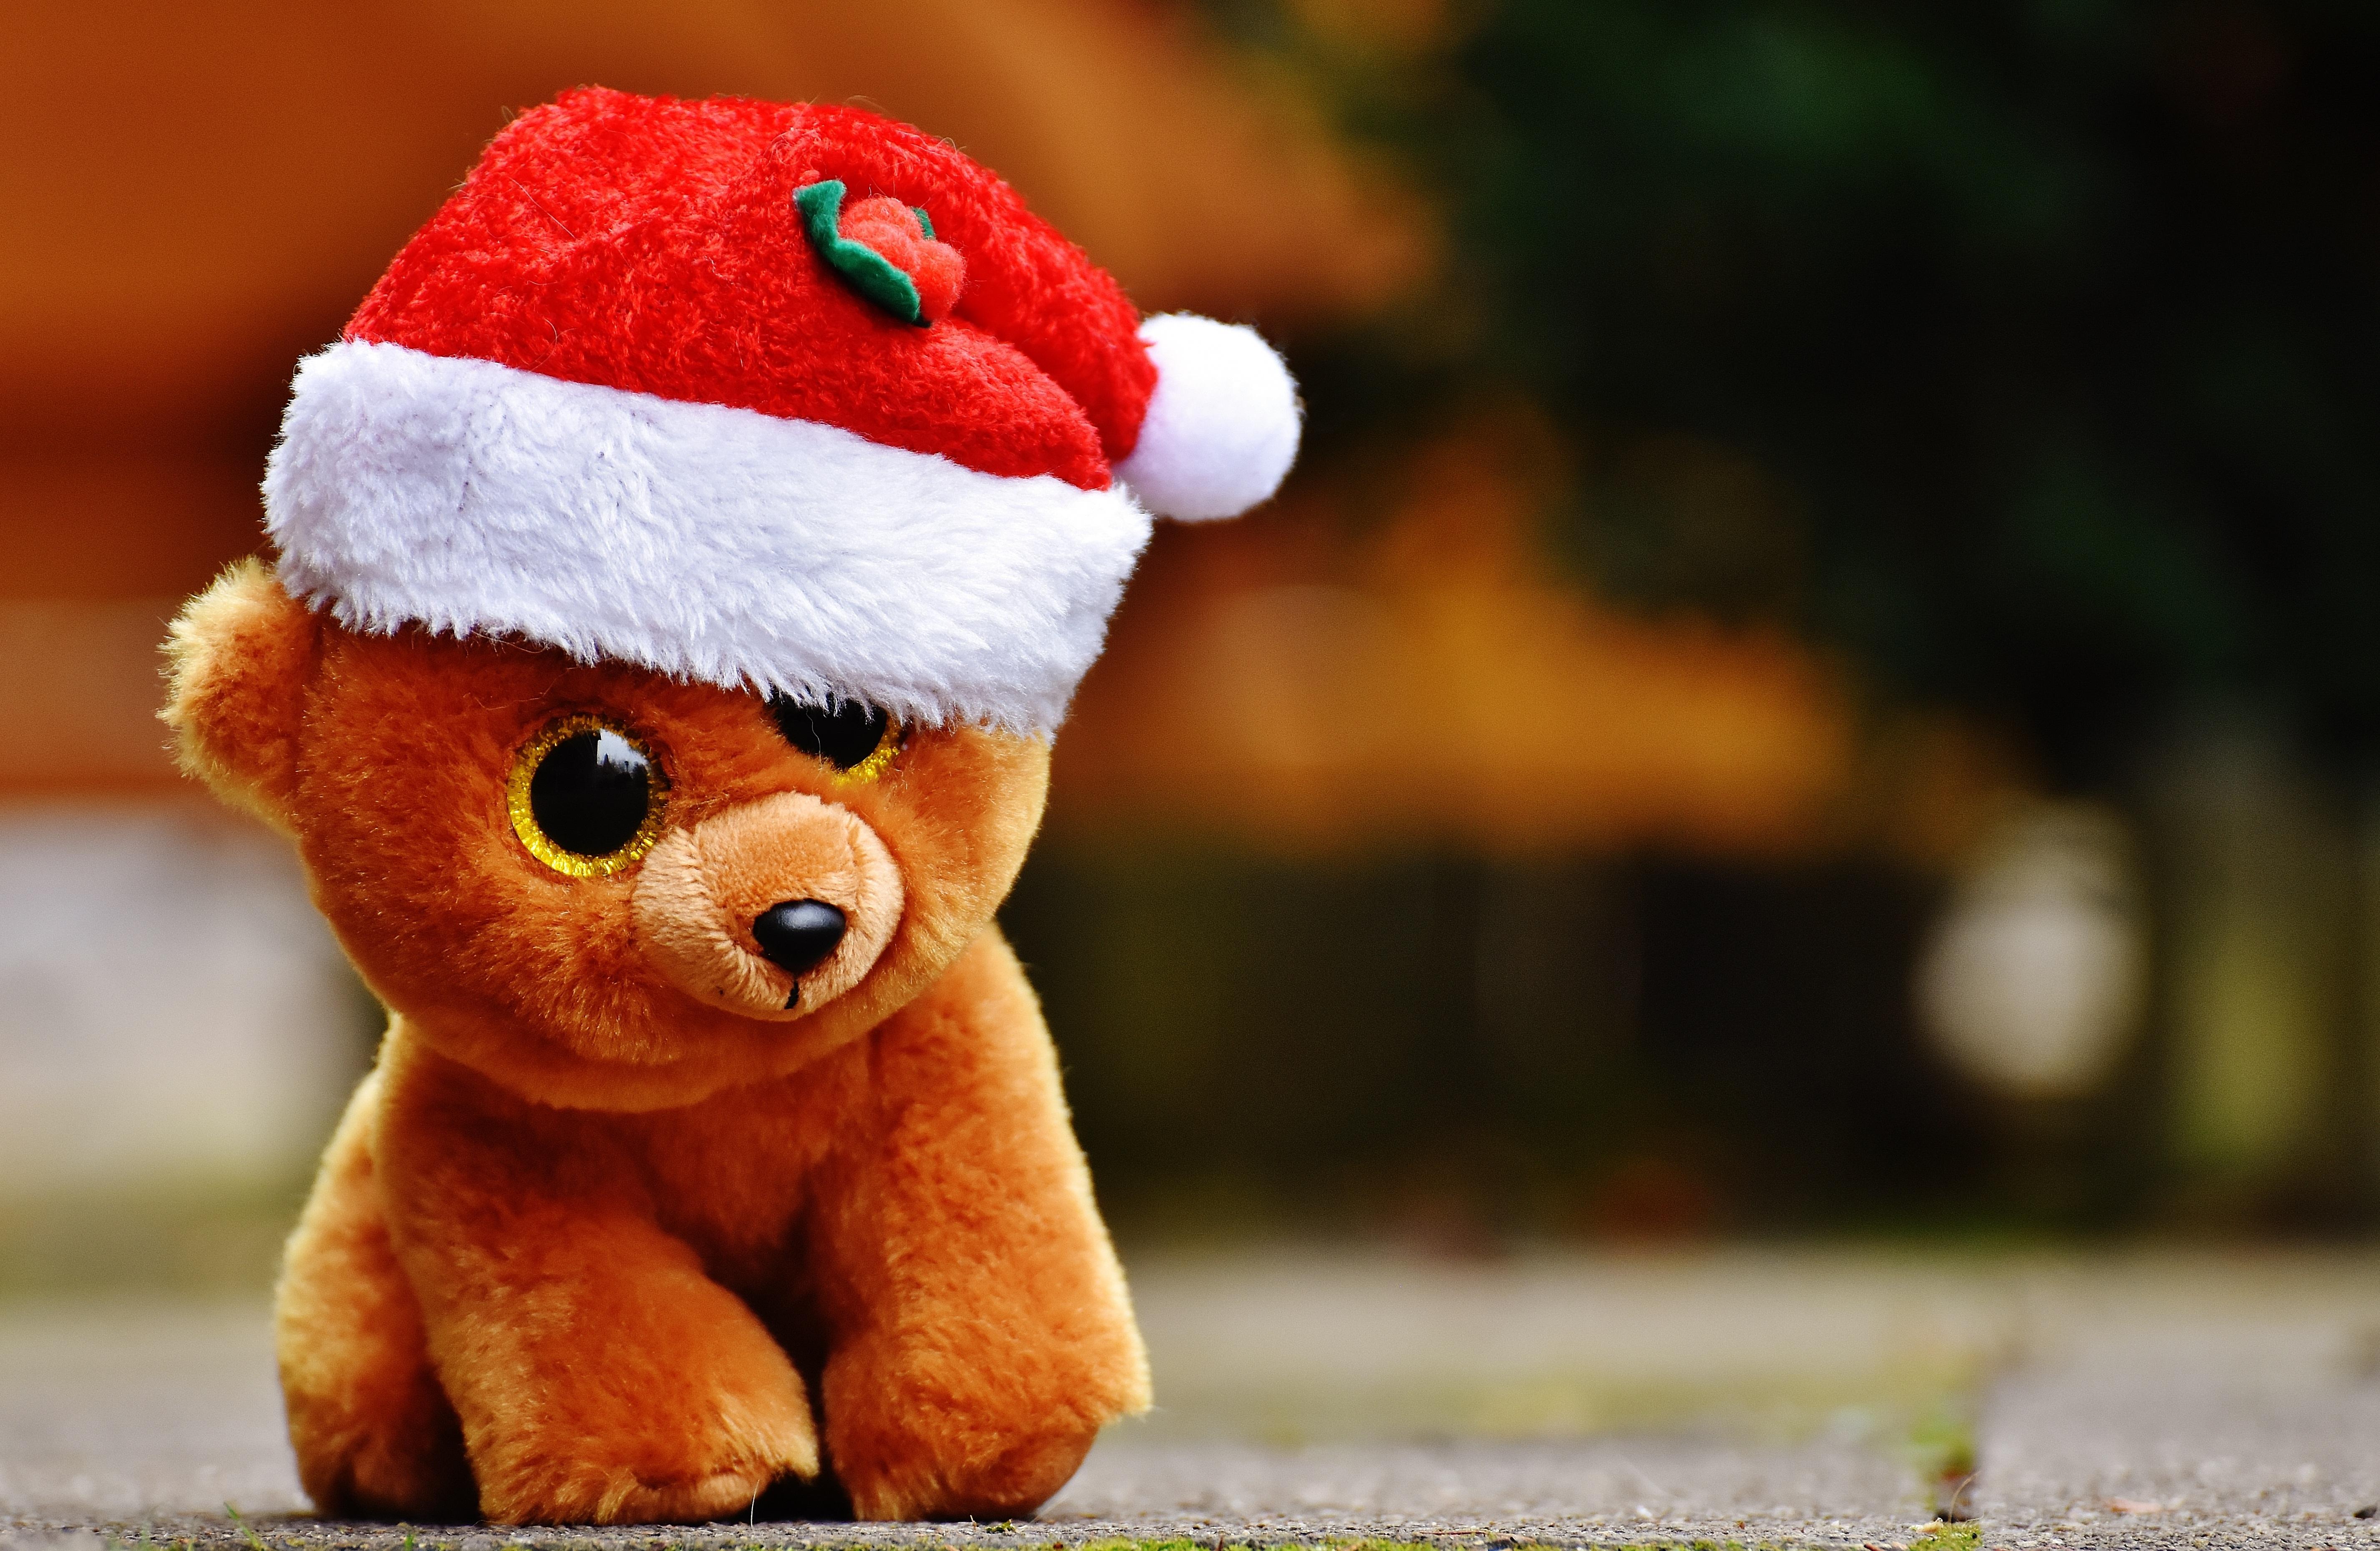 86591 Hintergrundbild herunterladen Feiertage, Spielzeug, Weihnachten, Teddybär - Bildschirmschoner und Bilder kostenlos